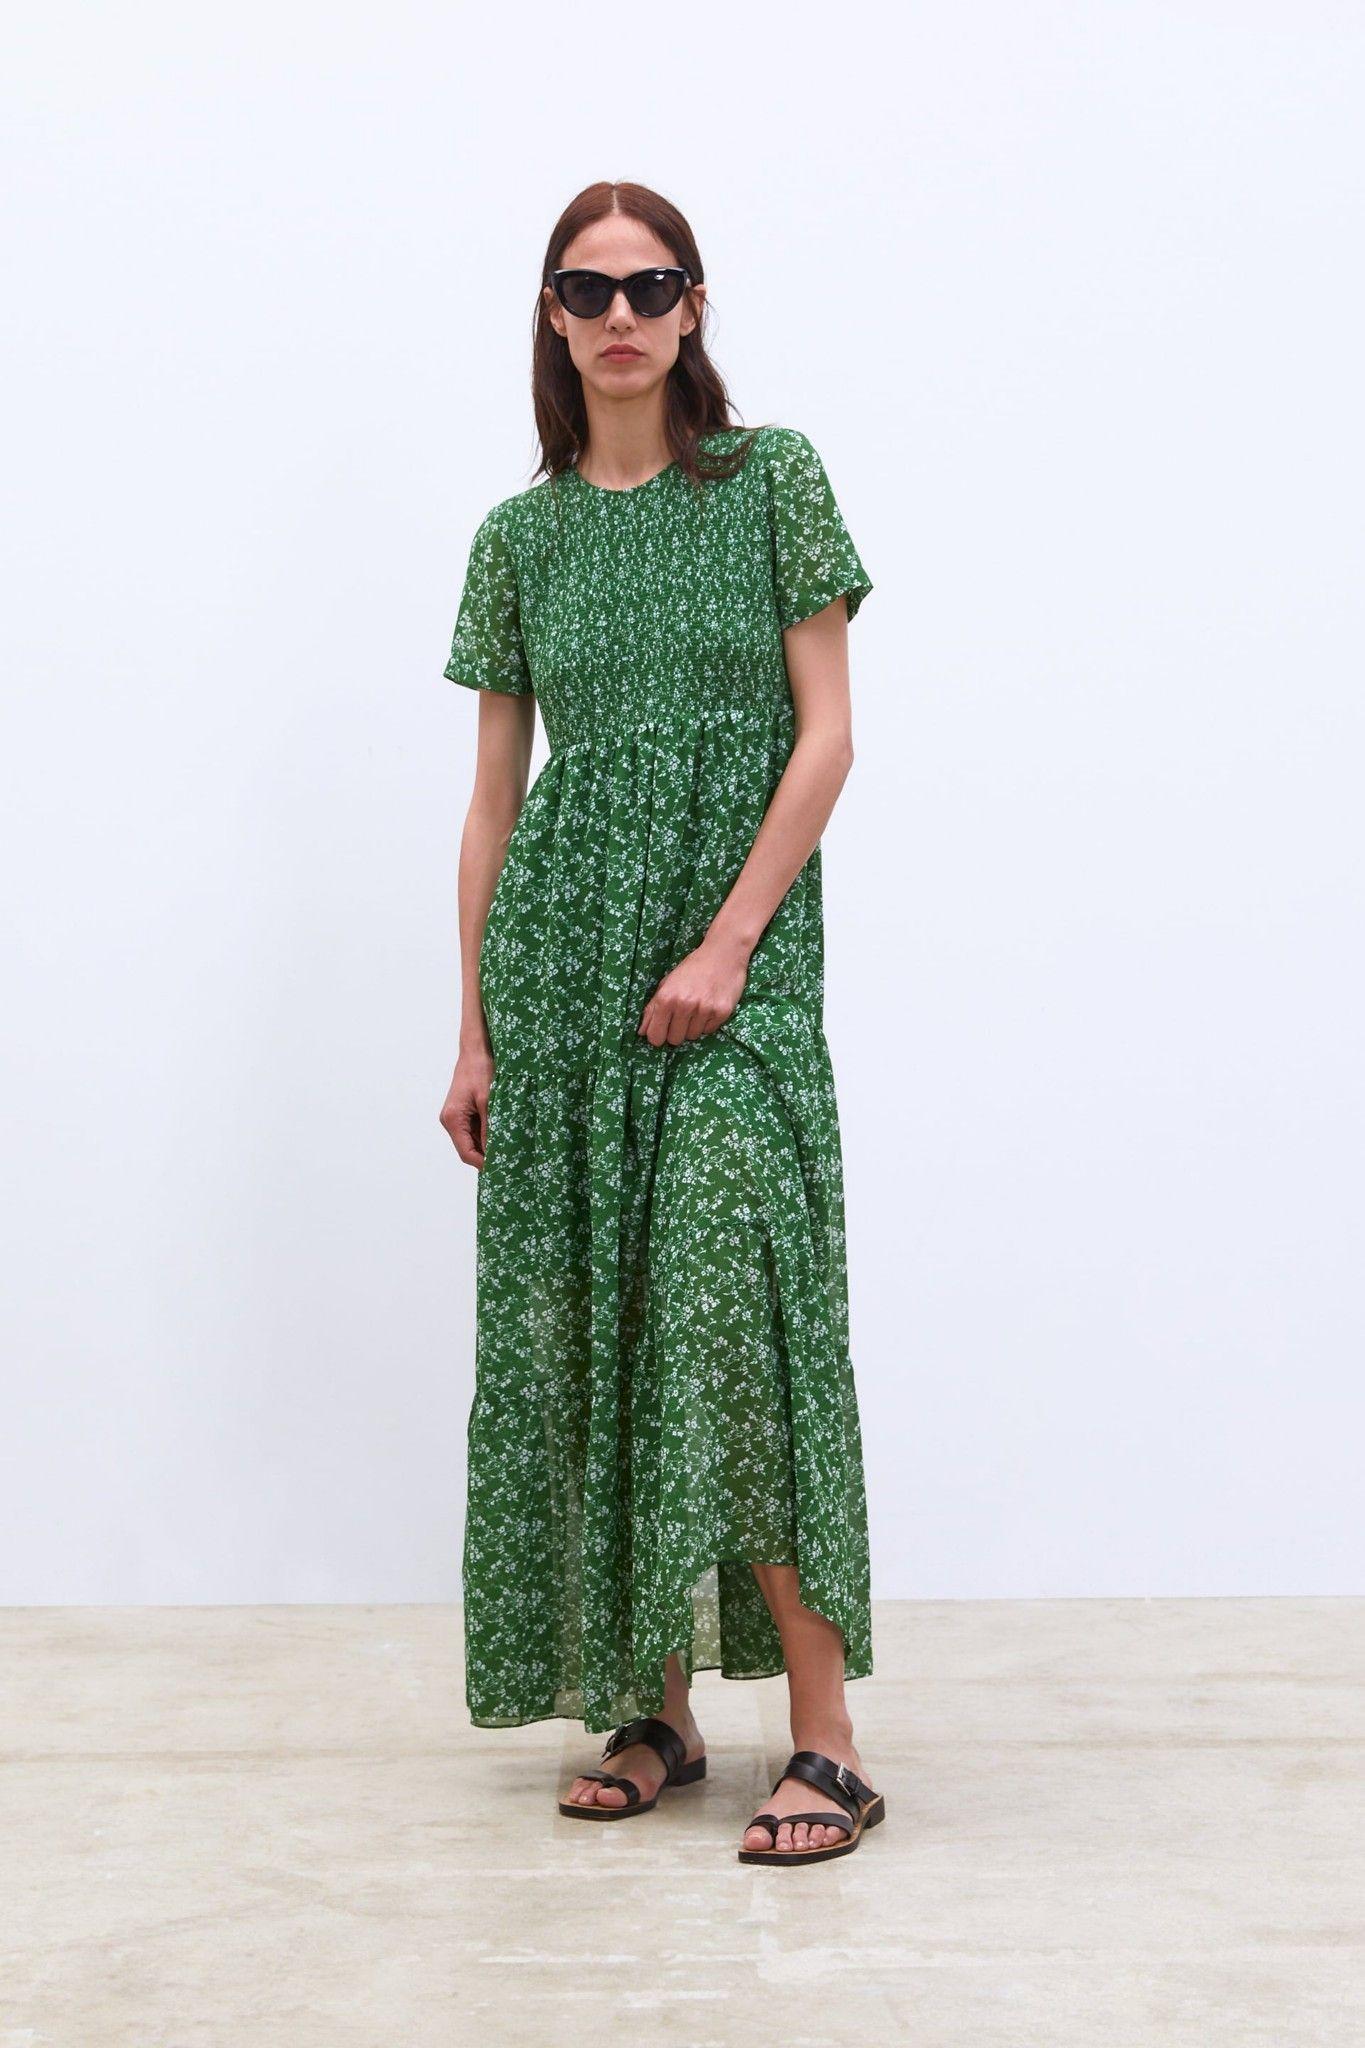 956665eb94c1c Zara dress April 2019 | Closet Envy in 2019 | Floral print maxi ...